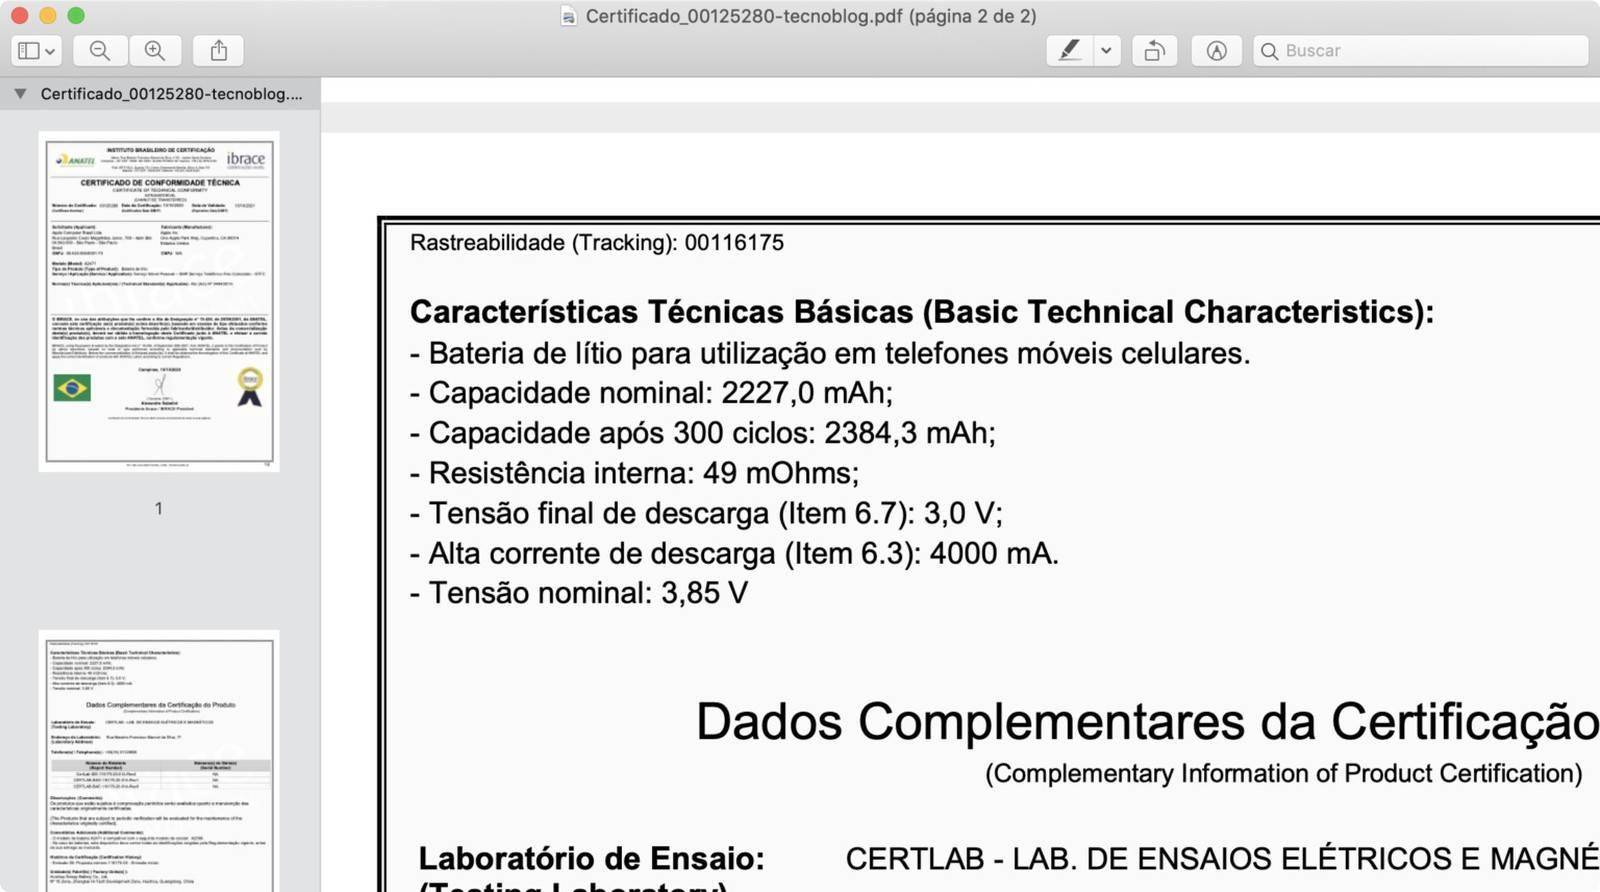 文件显示iPhone 12 mini的电池容量为2227mAh